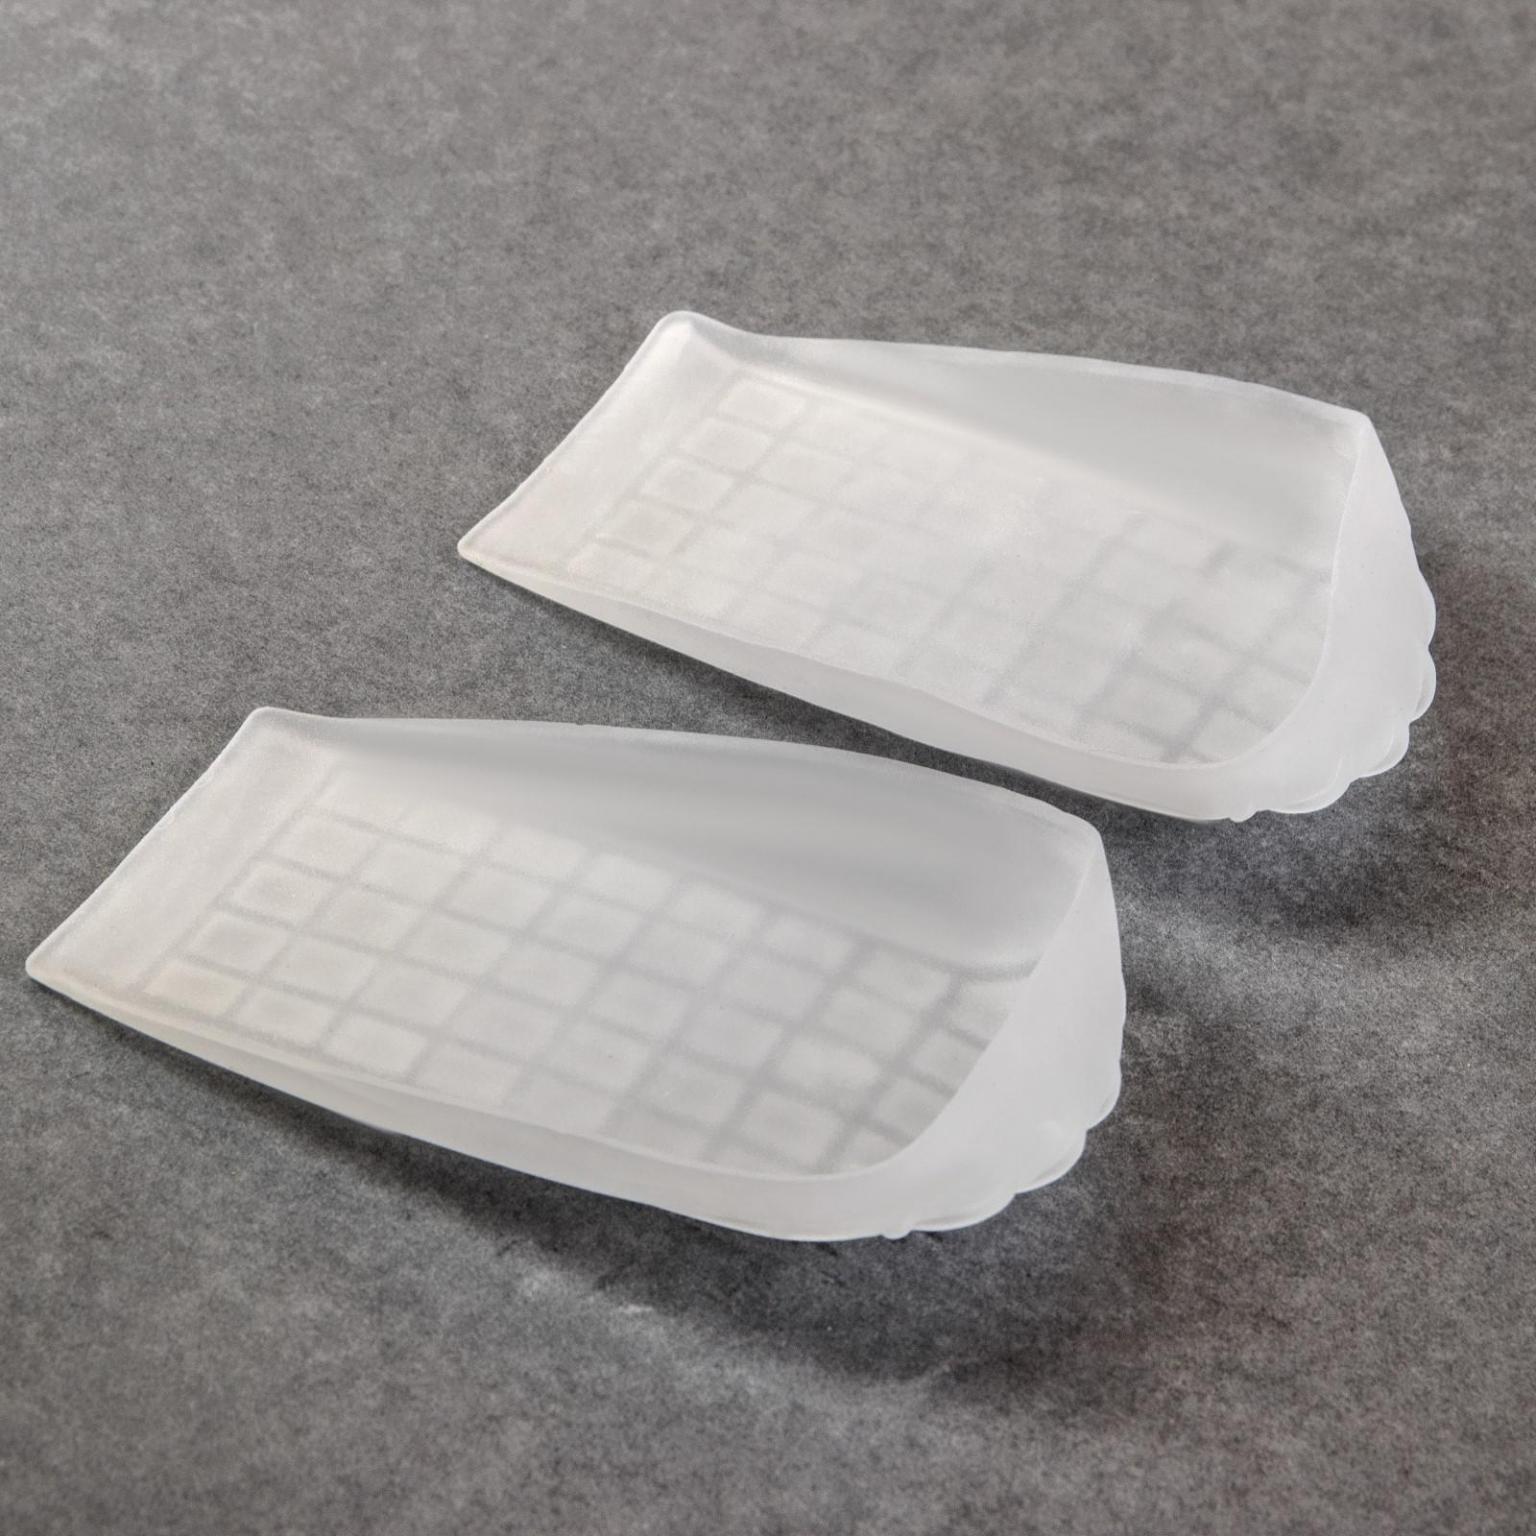 Подпяточники для обуви, силиконовые, 12*7,5 см, пара, цвет белый